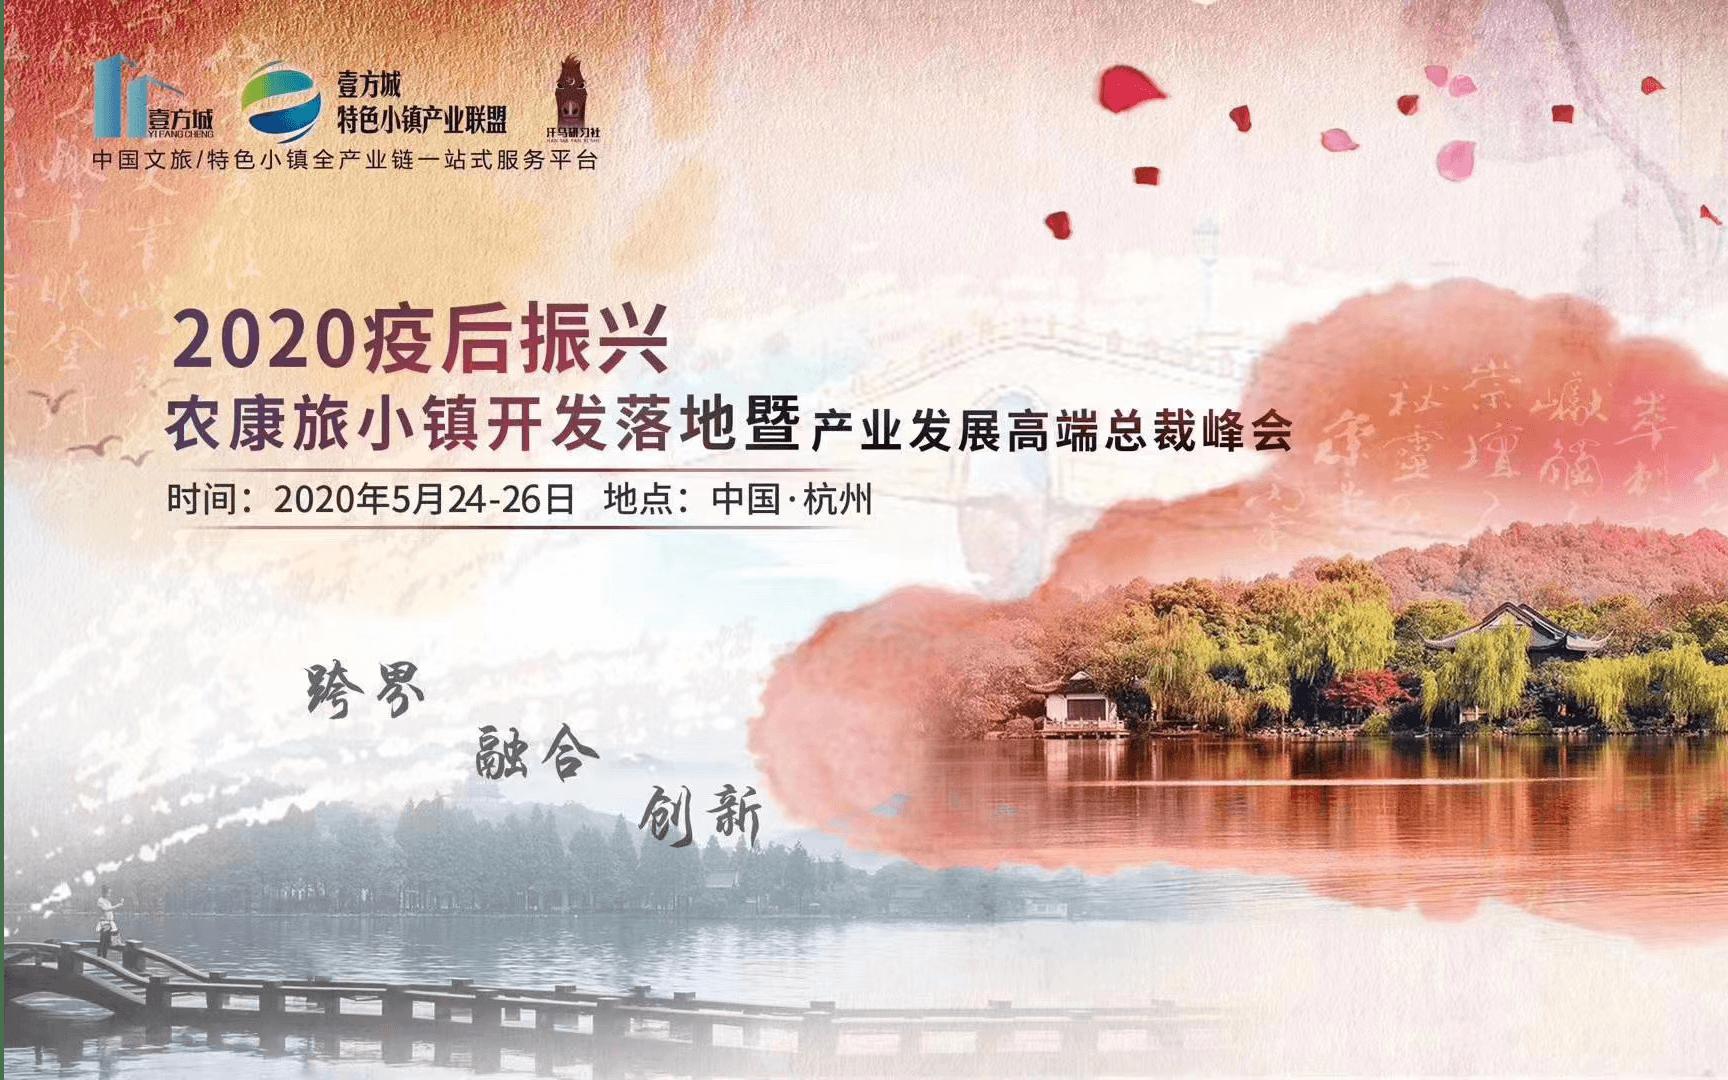 疫后振兴 | 2020中国农康旅小镇项目实操高端总裁峰会暨优质产业资源对接大会